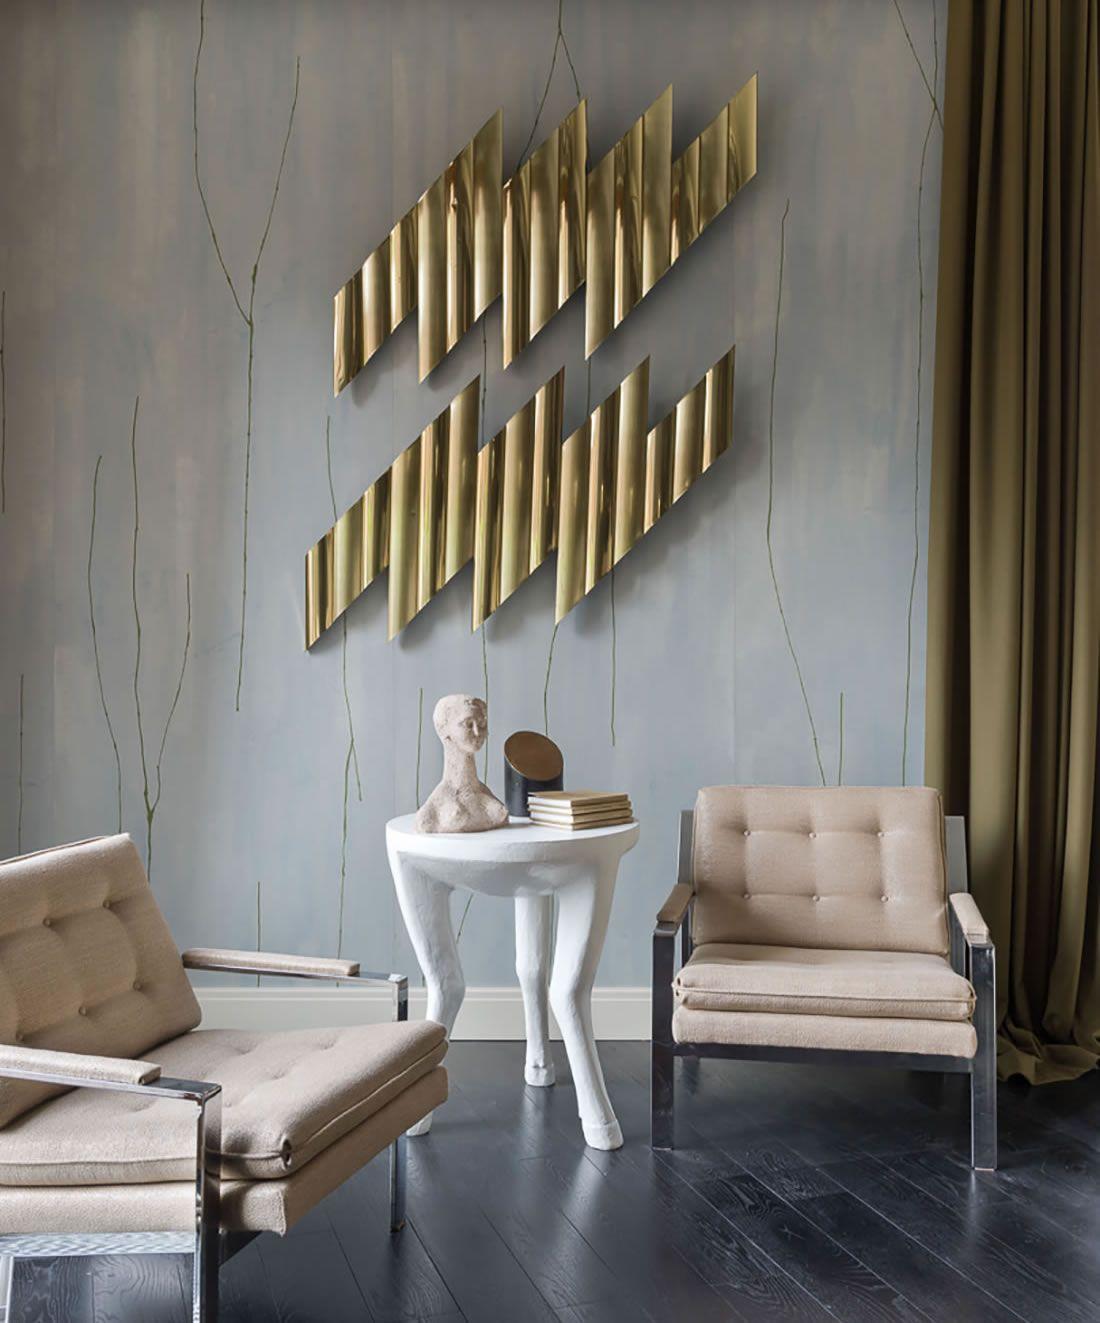 Luxuryinterior Design: Interior Design Trends, Interior